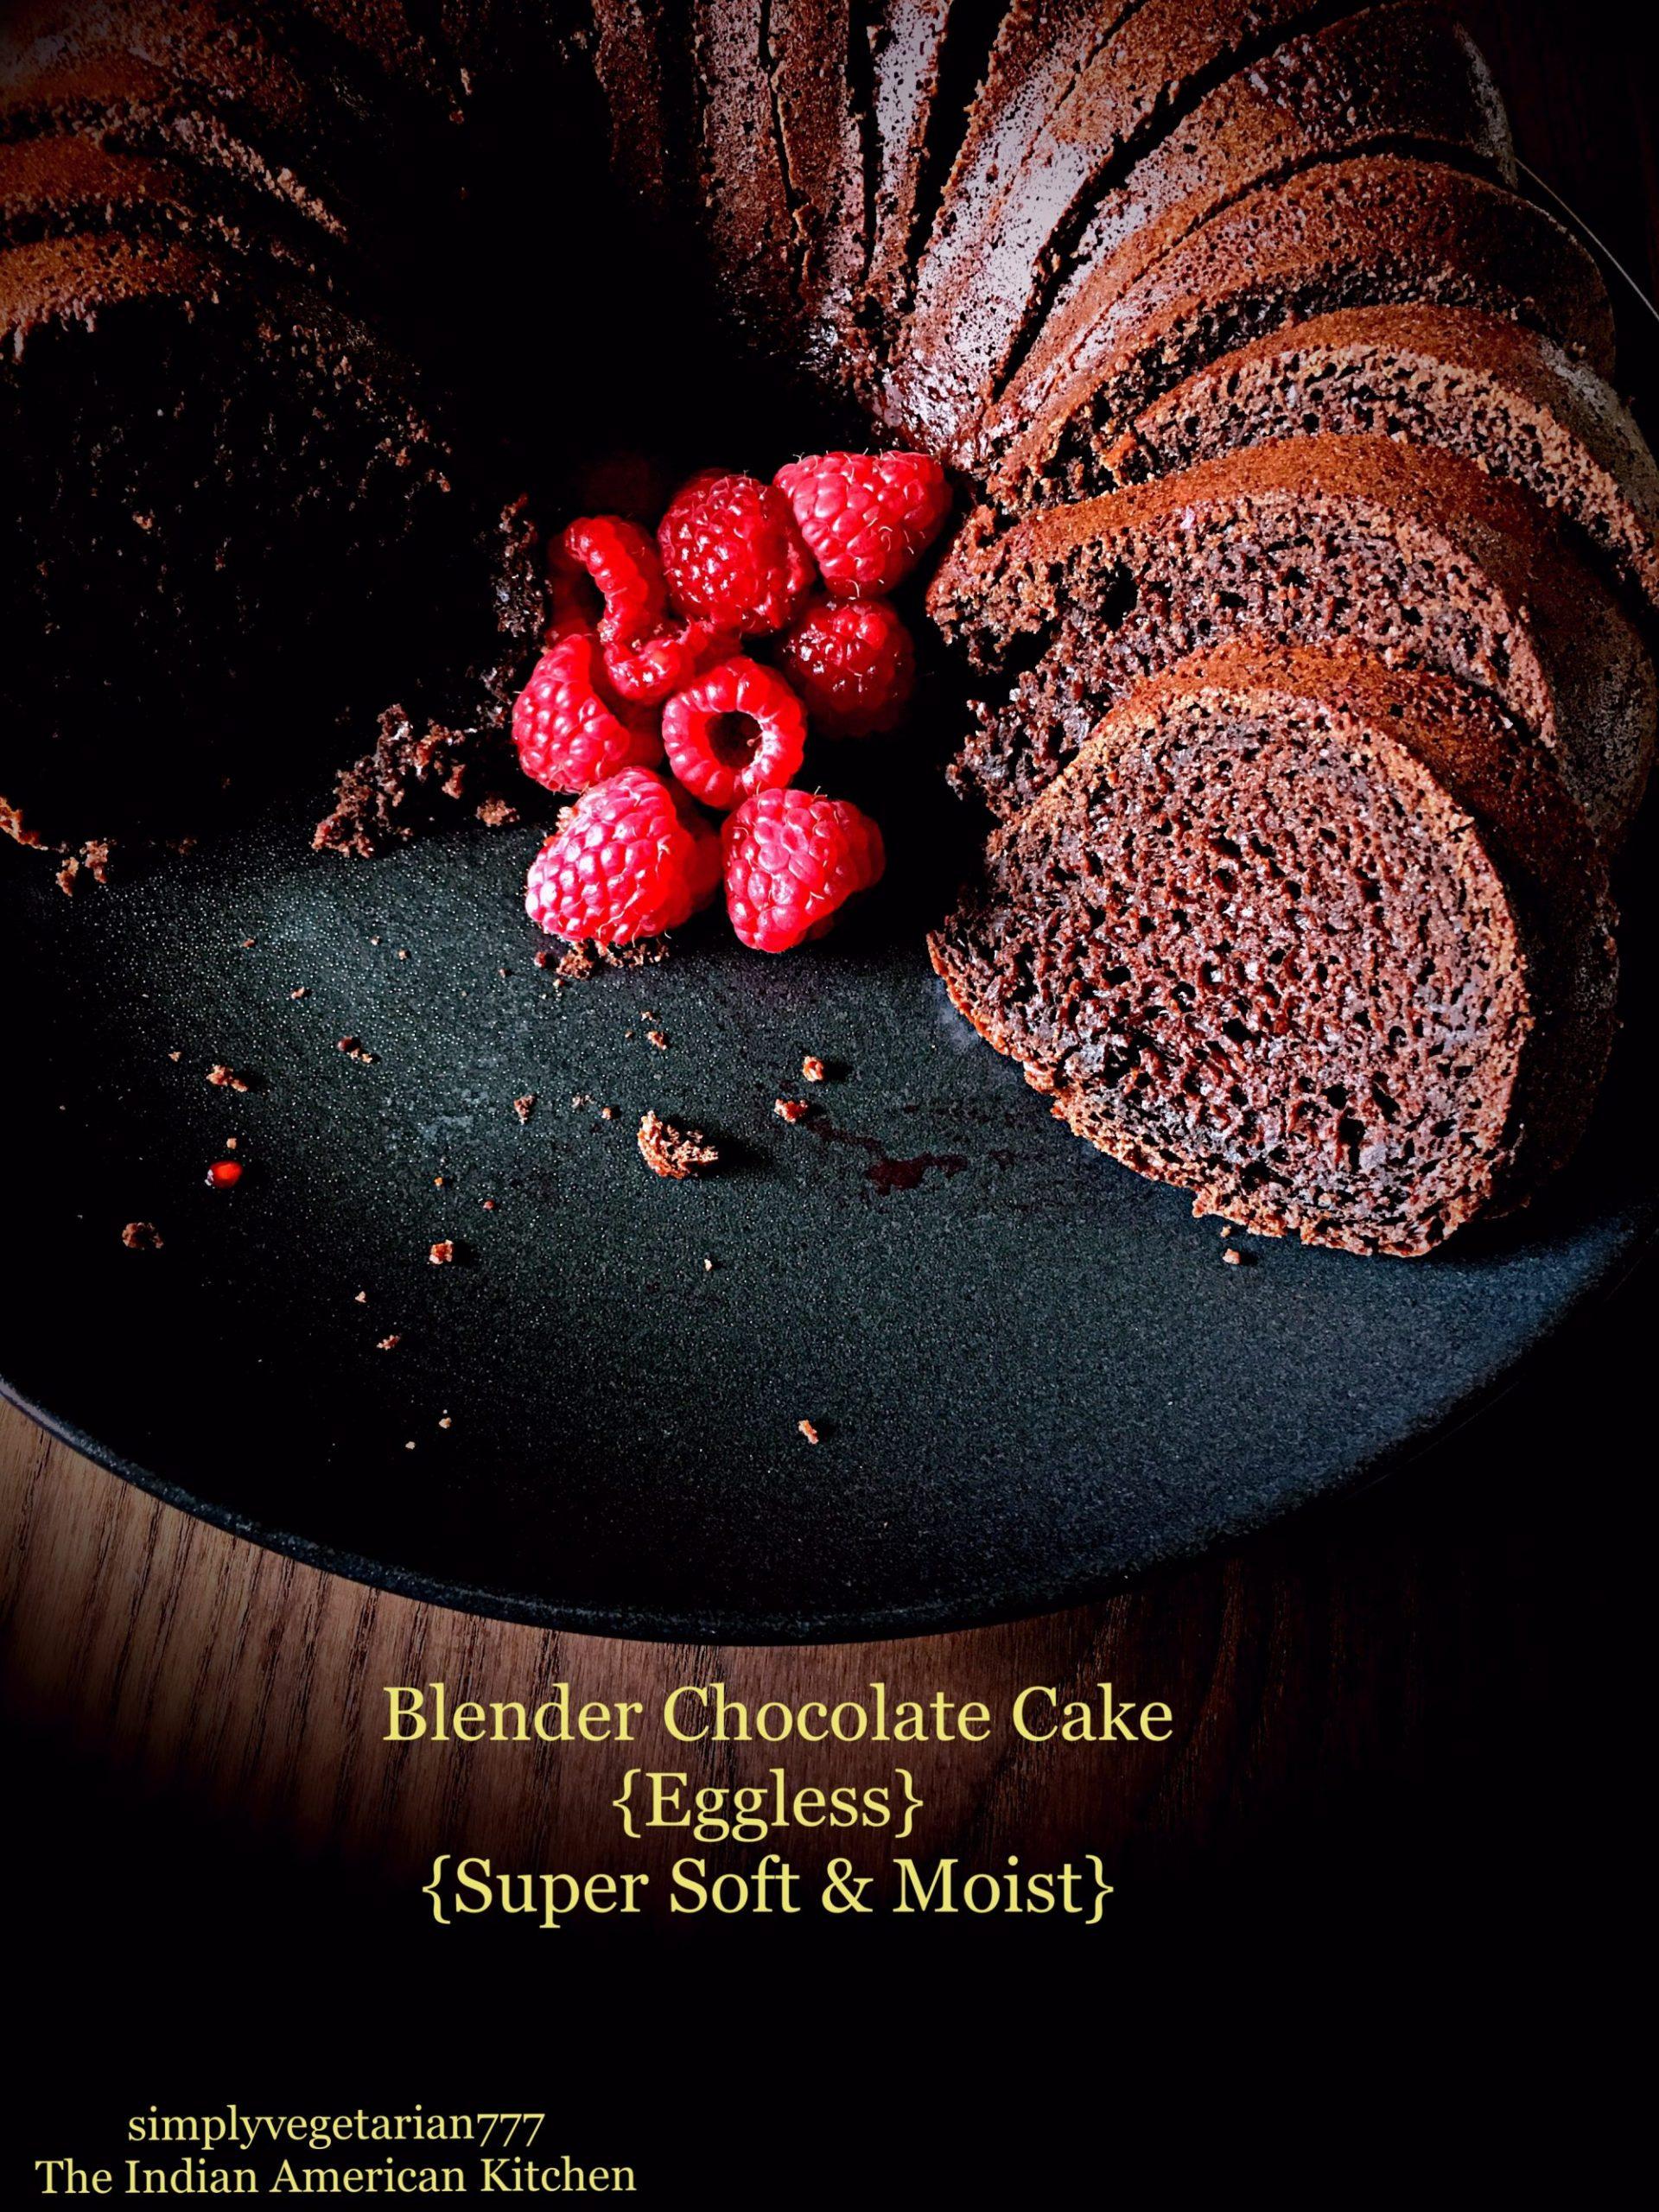 Blender Chocolate Cake {Eggless, Easy, Super Soft & Moist}